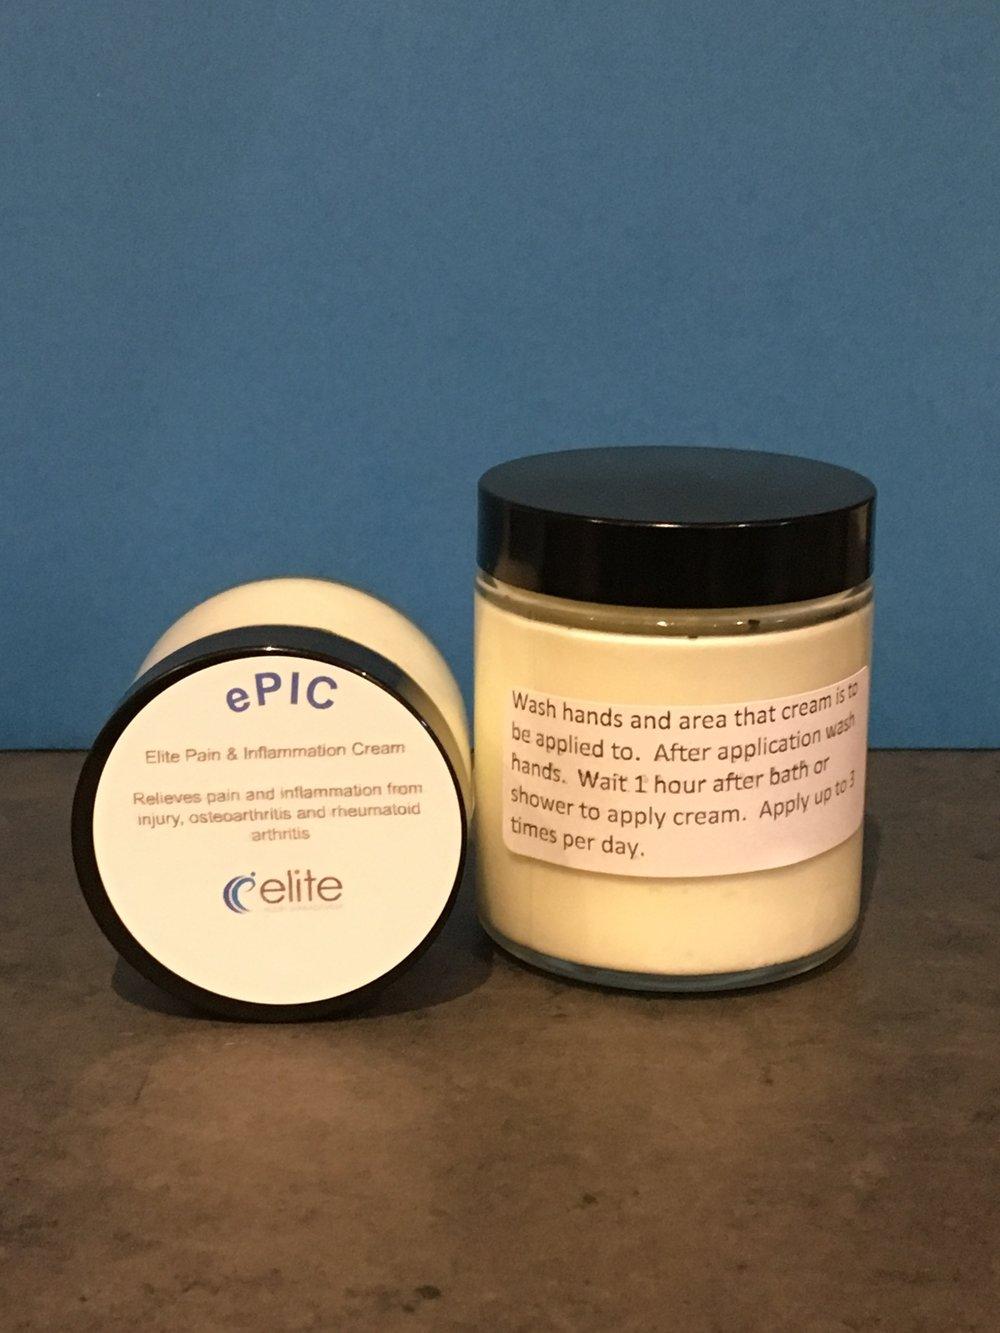 ePIC - Elite Pain & Inflammation Cream